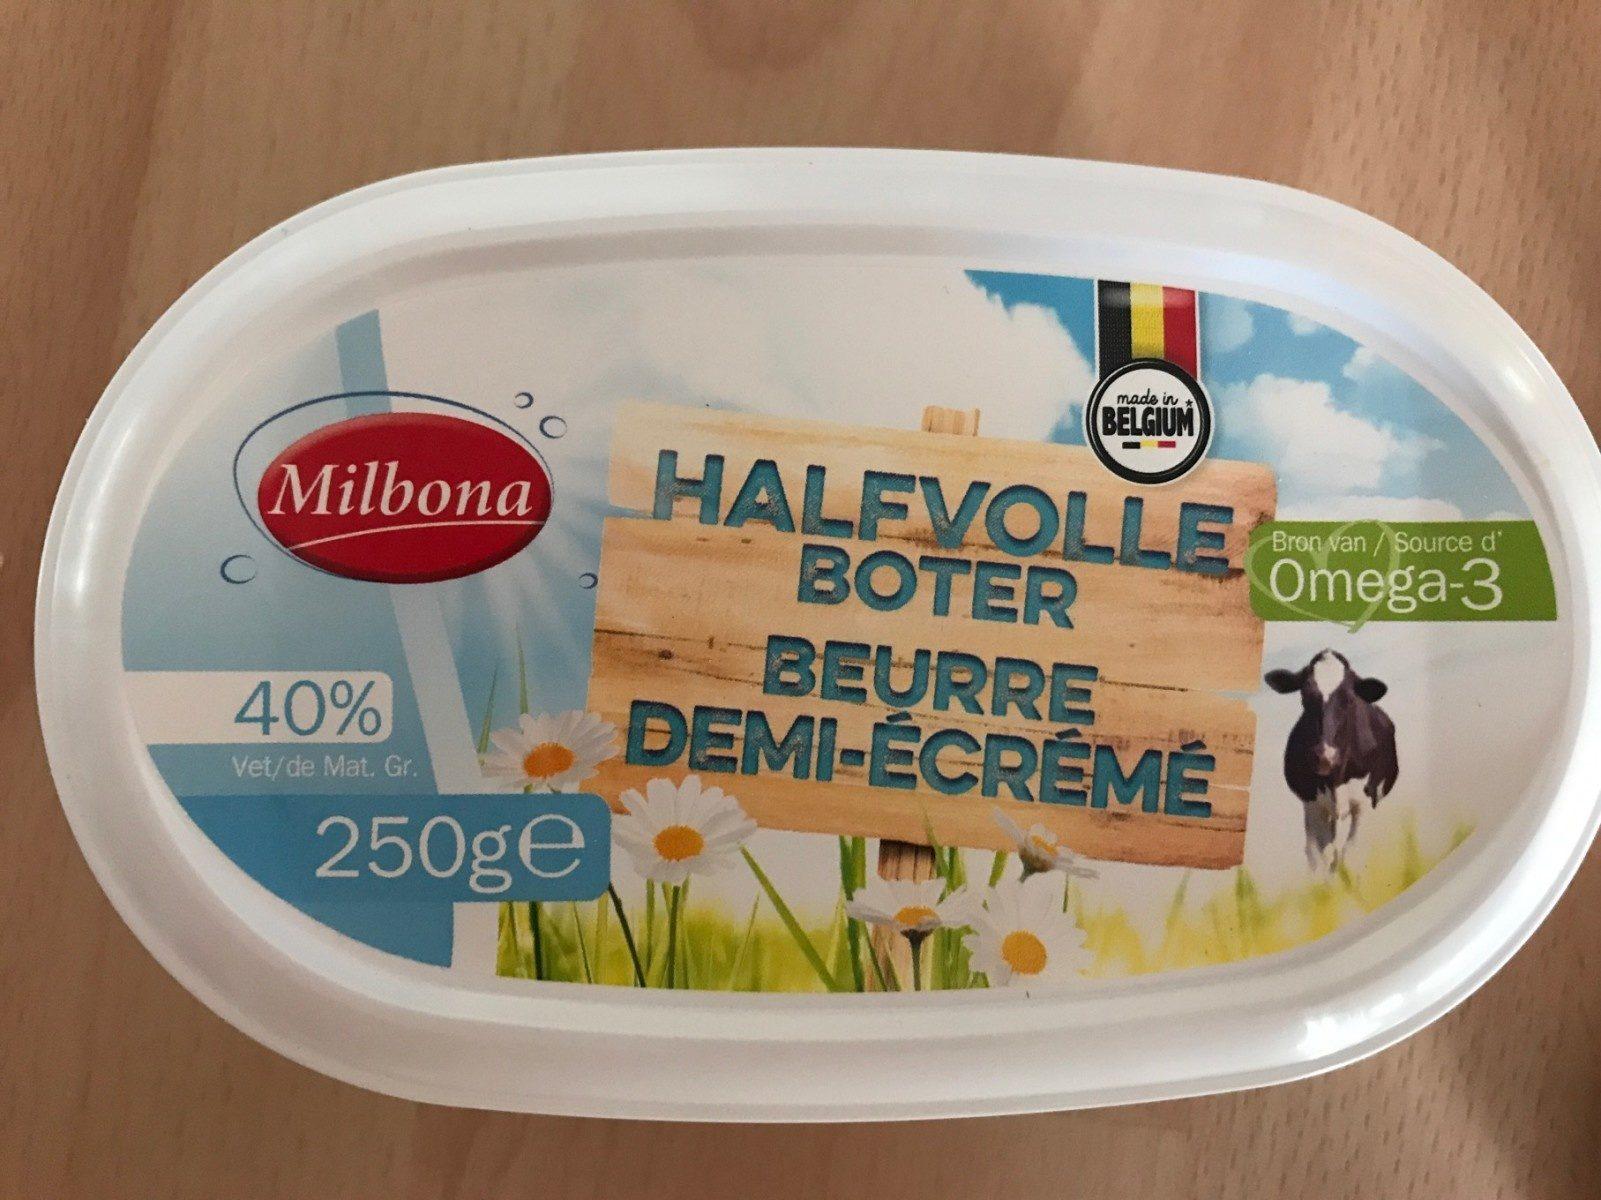 Beurre demi-écrémé - Product